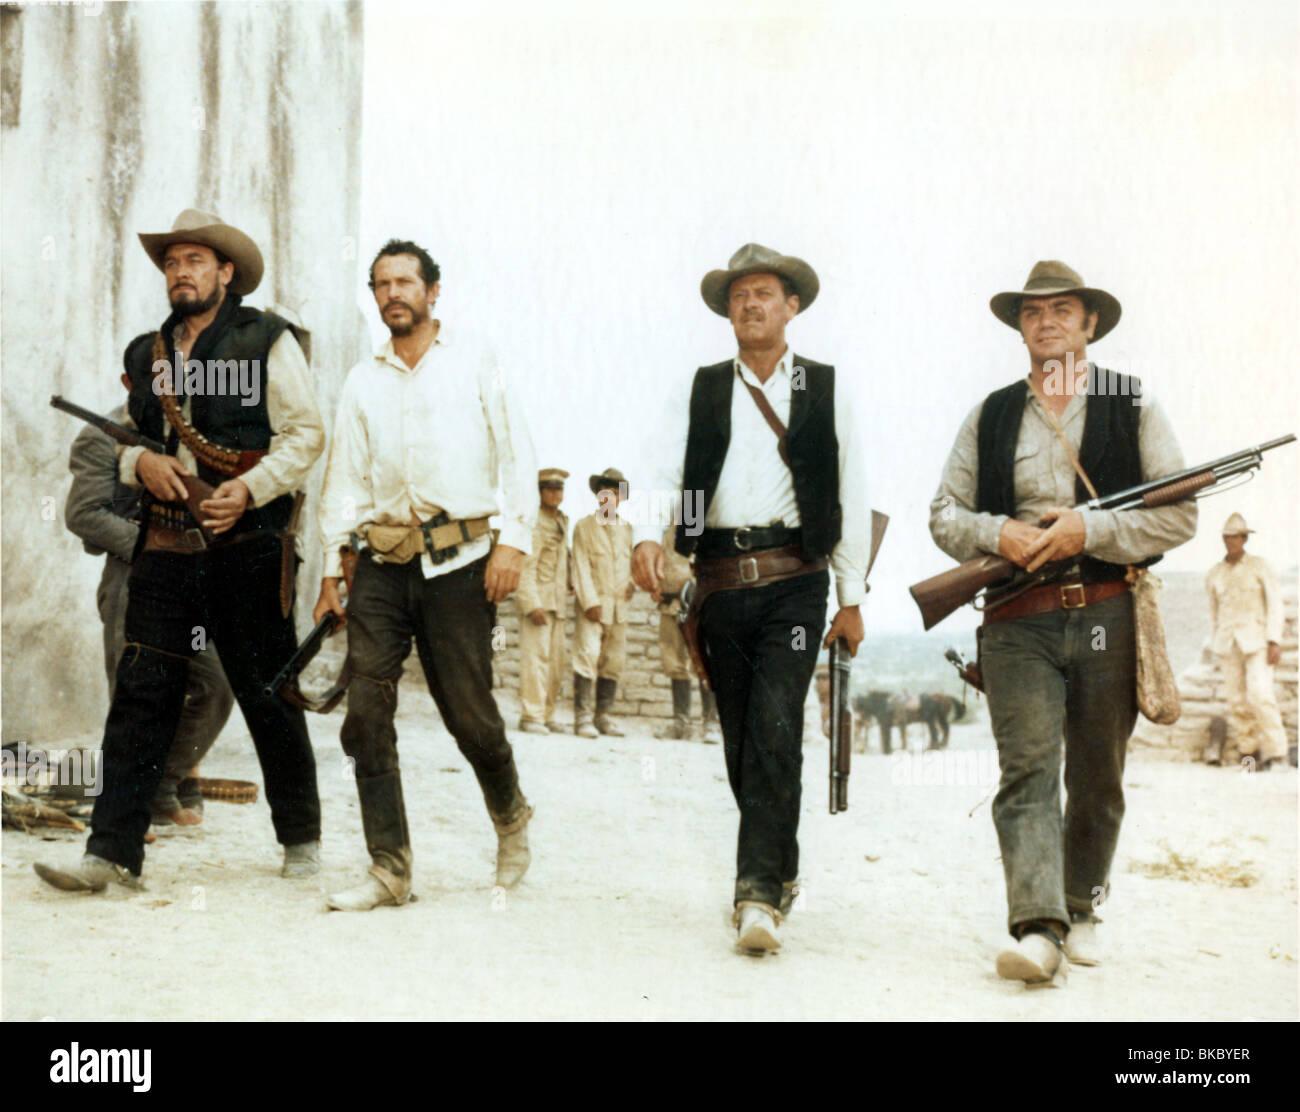 THE WILD BUNCH (1969) BEN JOHNSON, WARREN OATES, WILLIAM HOLDEN, ERNEST BORGNINE TWBU 005 CP - Stock Image